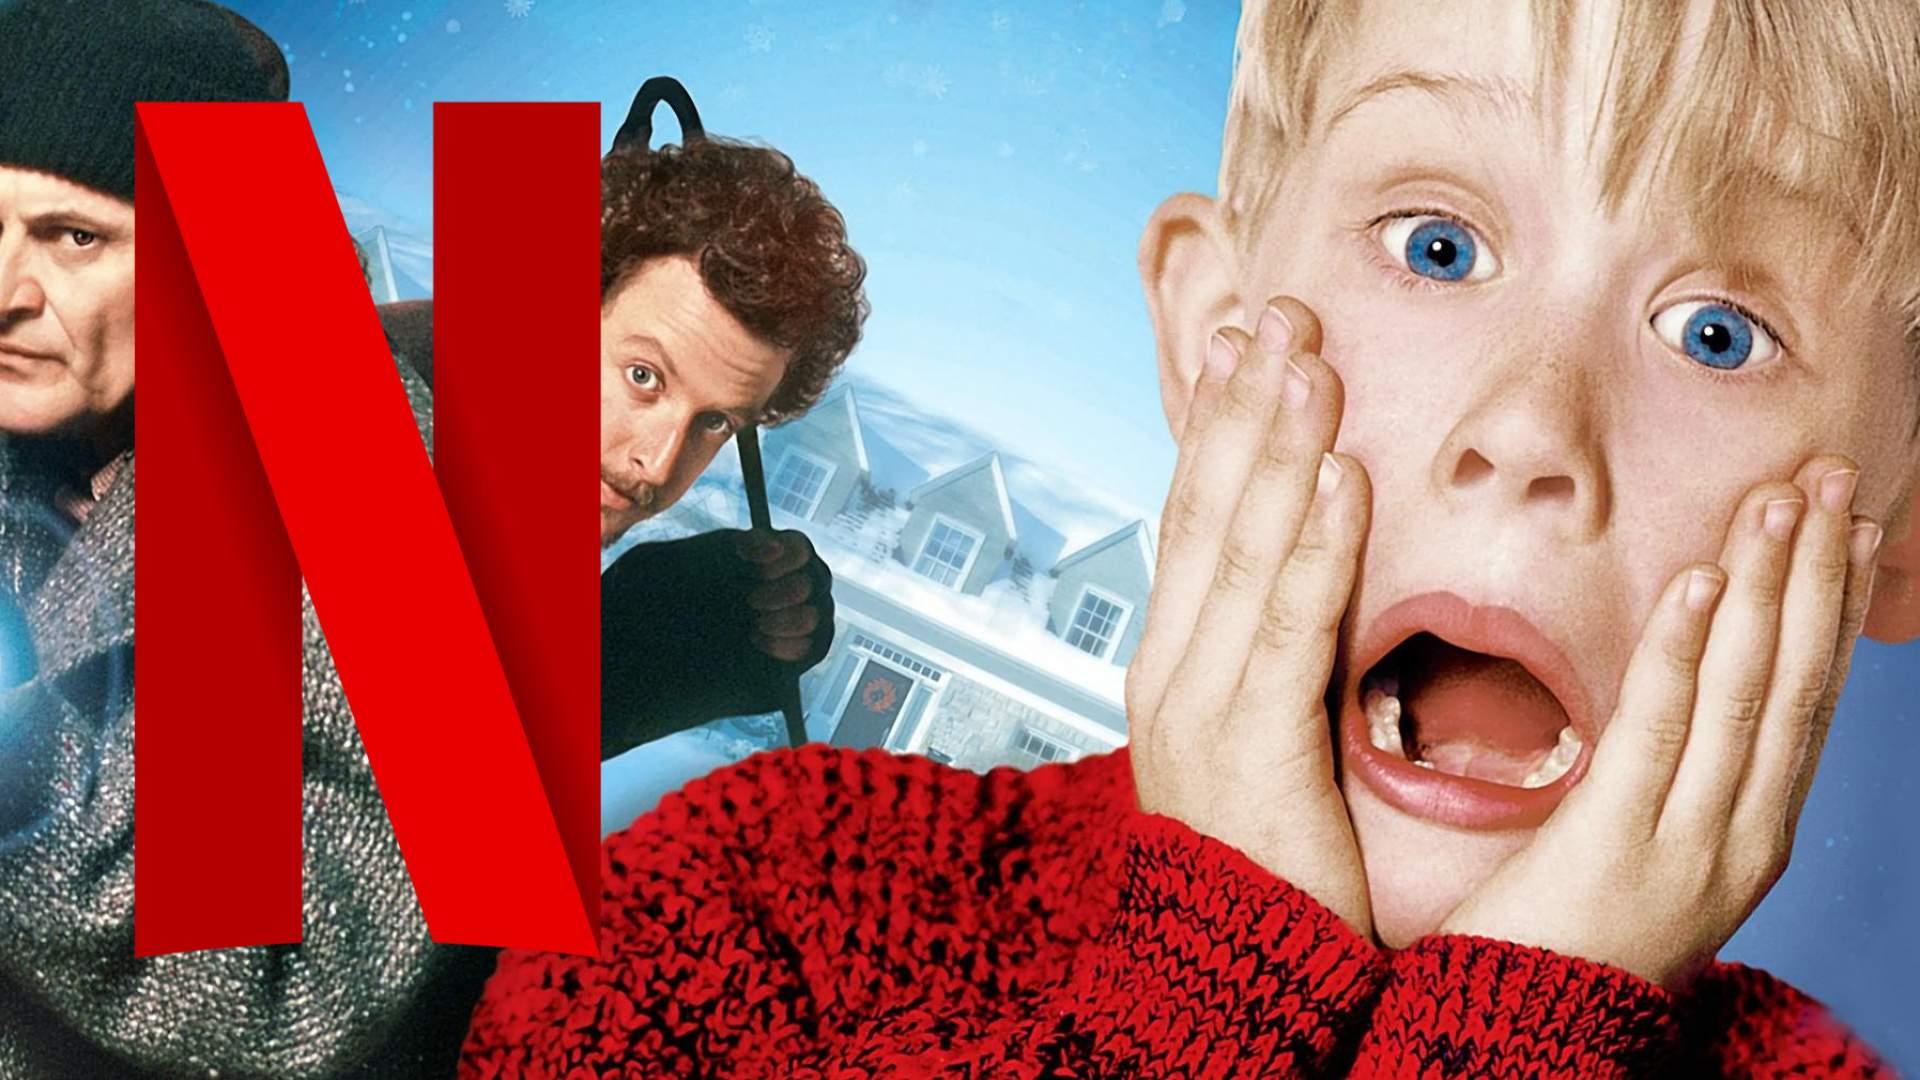 weihnachtsfilme auf netflix trailerseite film tv. Black Bedroom Furniture Sets. Home Design Ideas